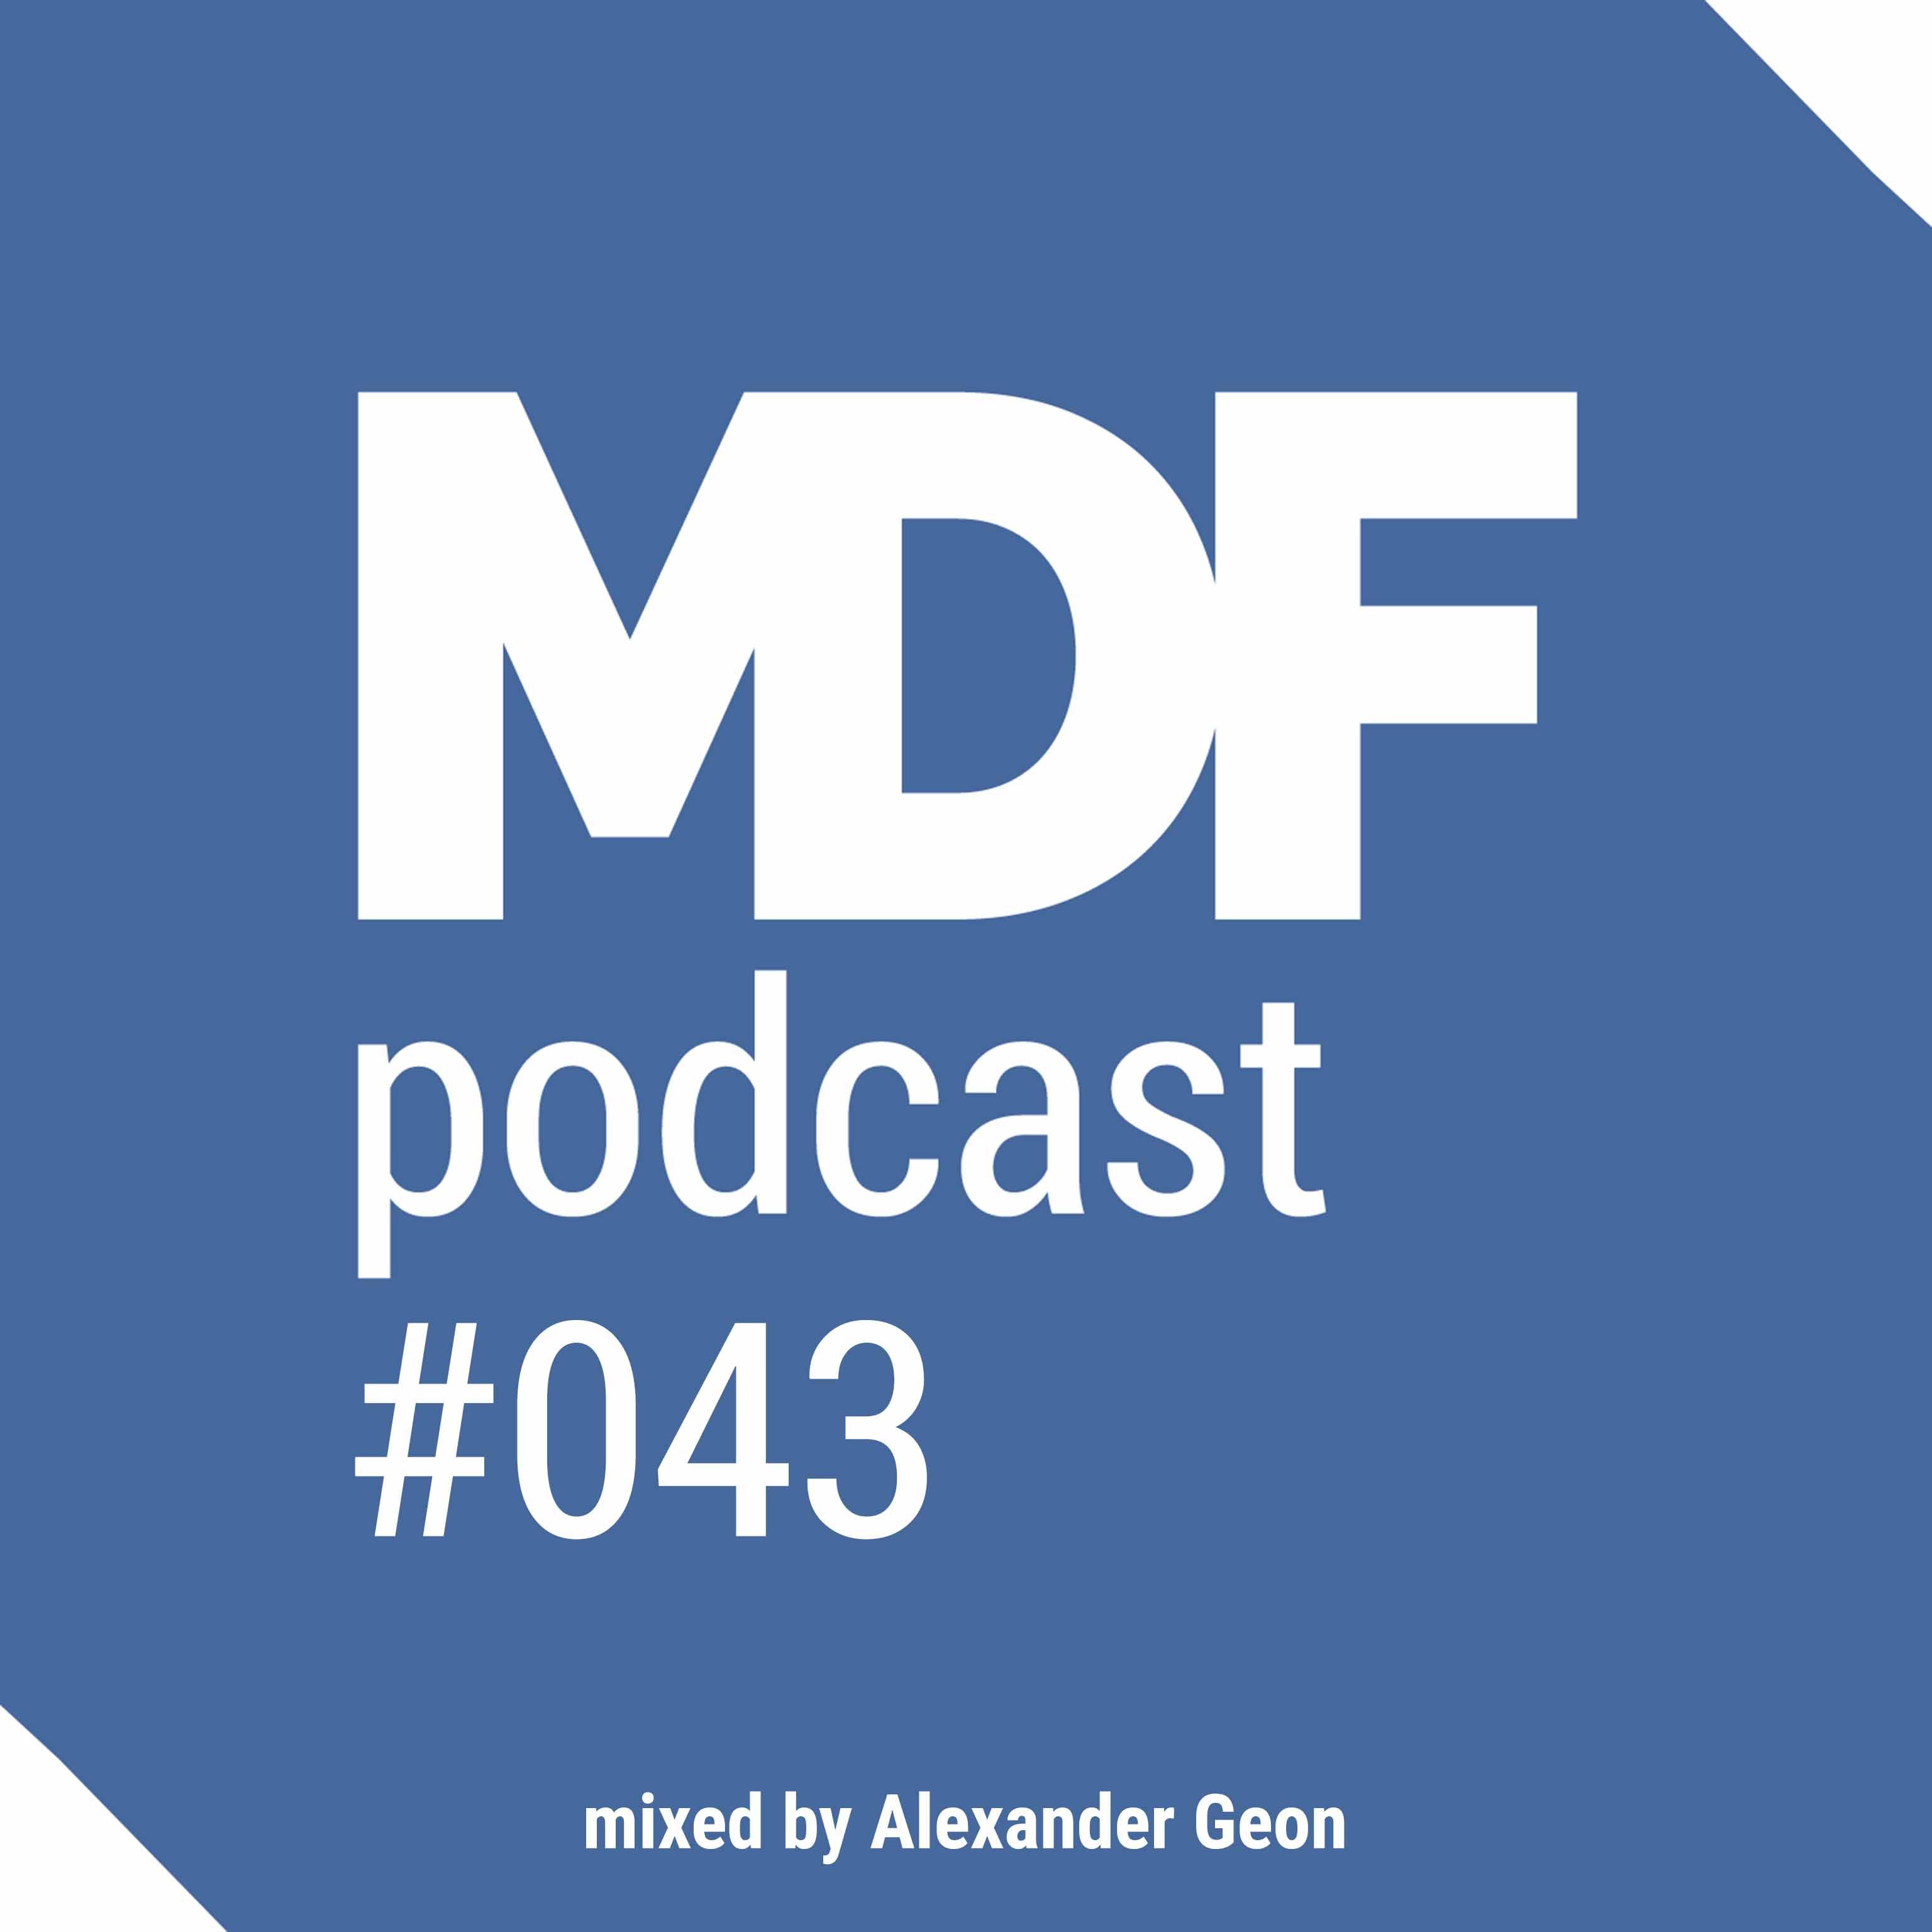 MDF Podcast o43